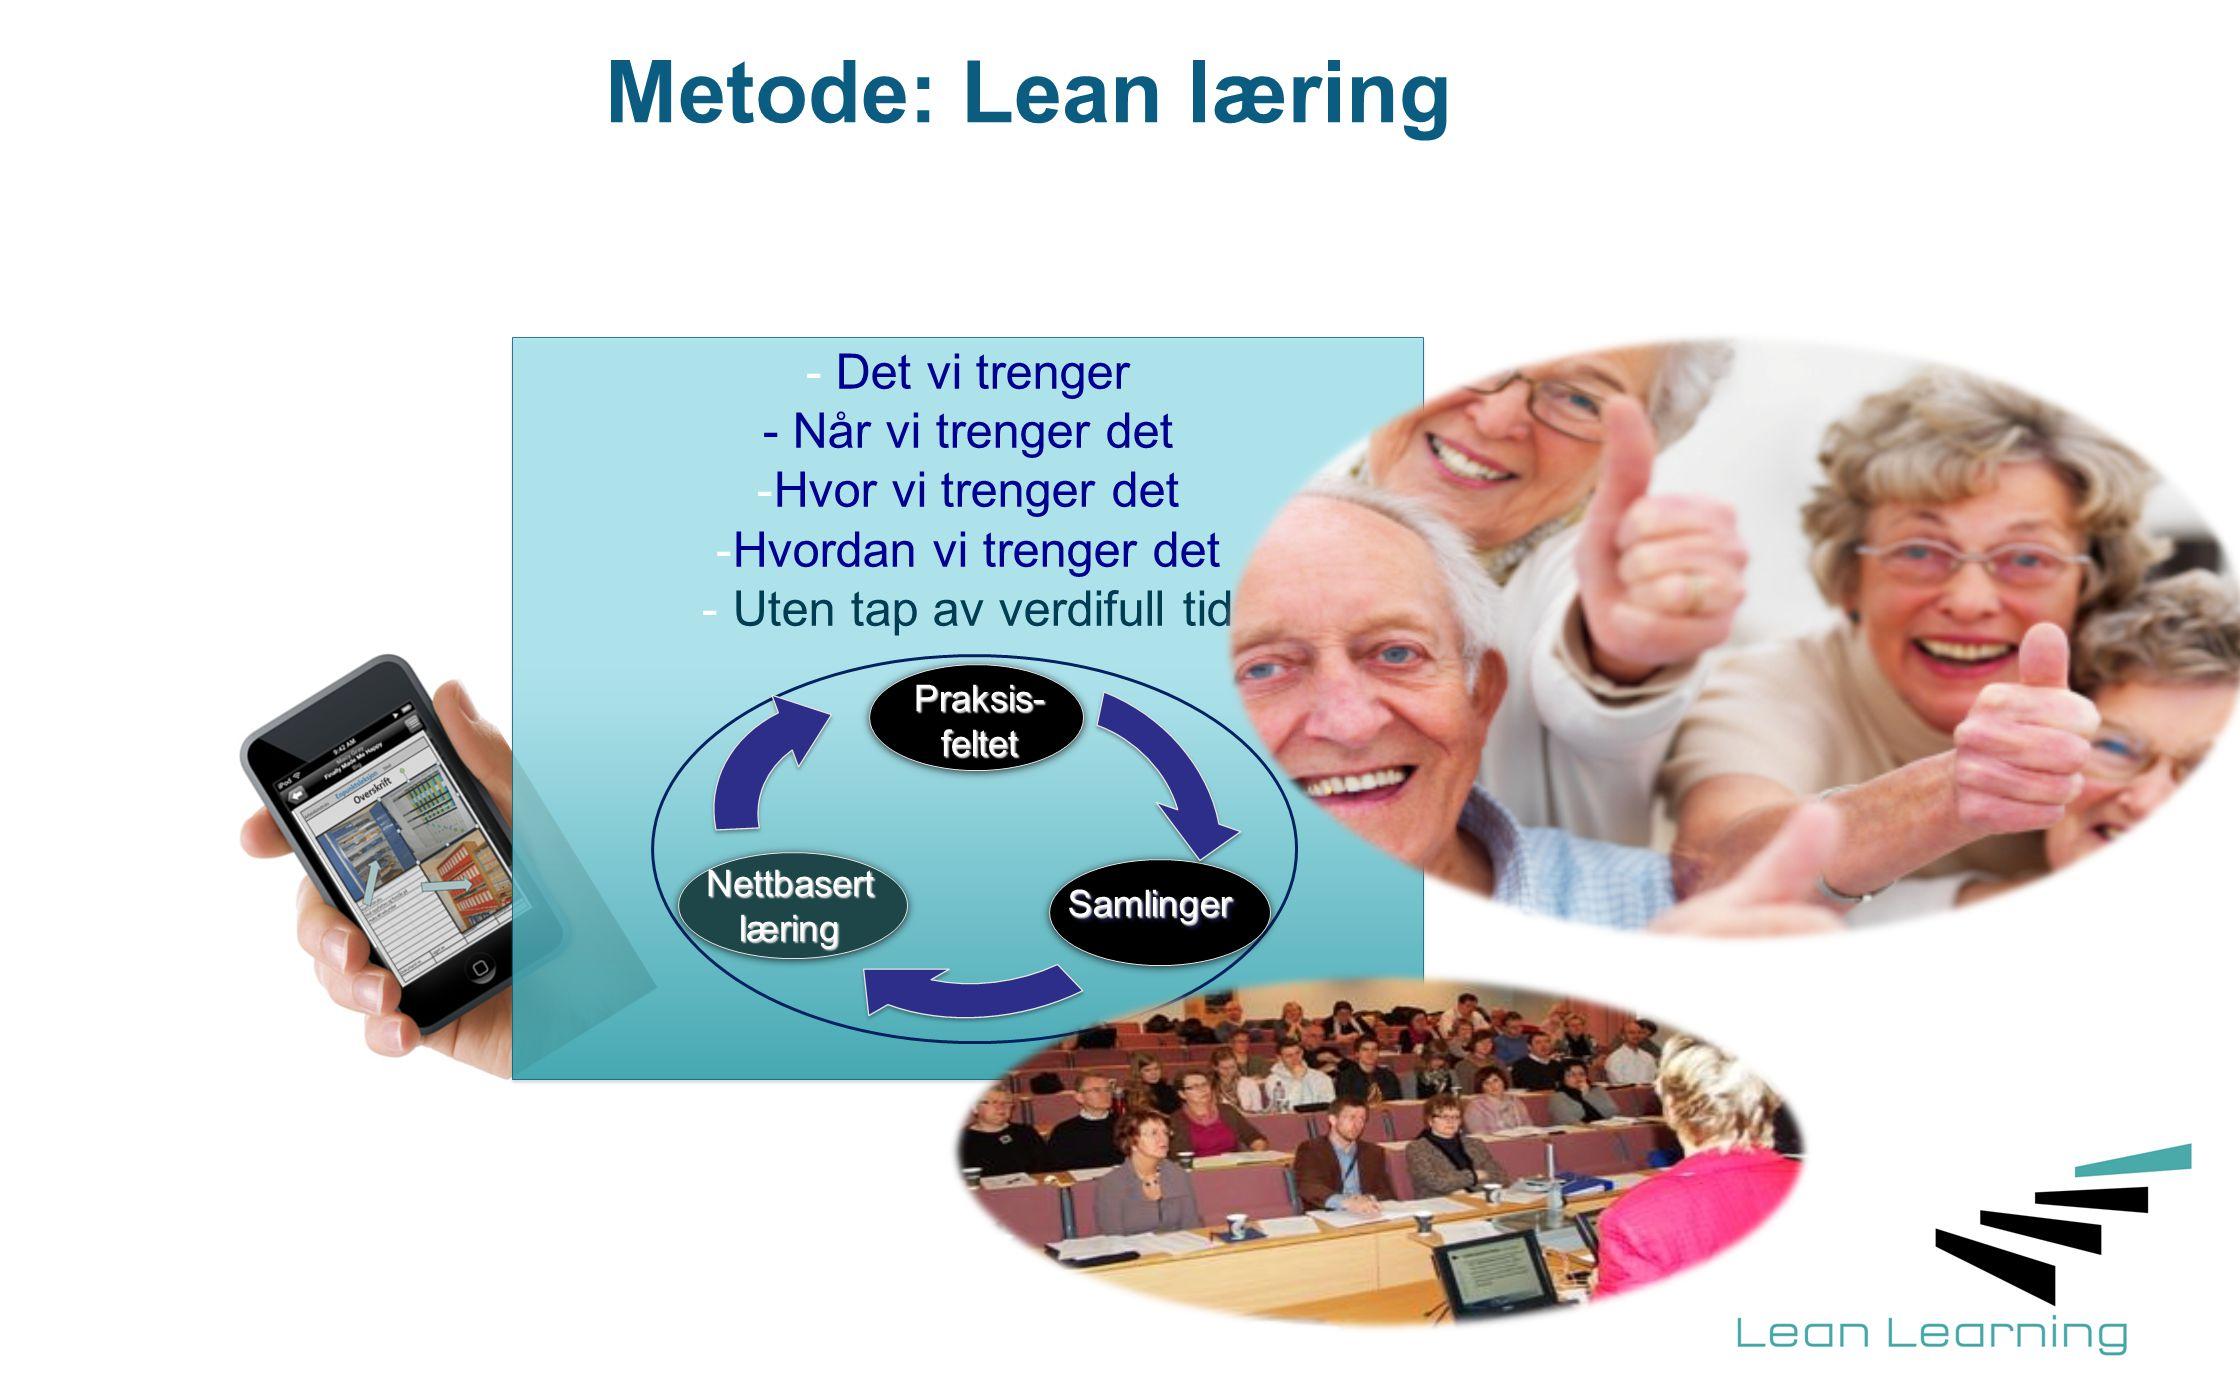 5 1.Virksomheten og praksisfeltet som det primære campus og læringsarena 1.Lære gjennom kontinuerlig forbedring på arbeidsplassen (lære å lære) 2.Aktiv bruk av teknologiforsterket læring (nettbasert læring, TEL) 1.Lærende felleskap Bygge evne til selvlæring og et varig lærende felleskap (Learning Community) Lærende arbeidsliv.